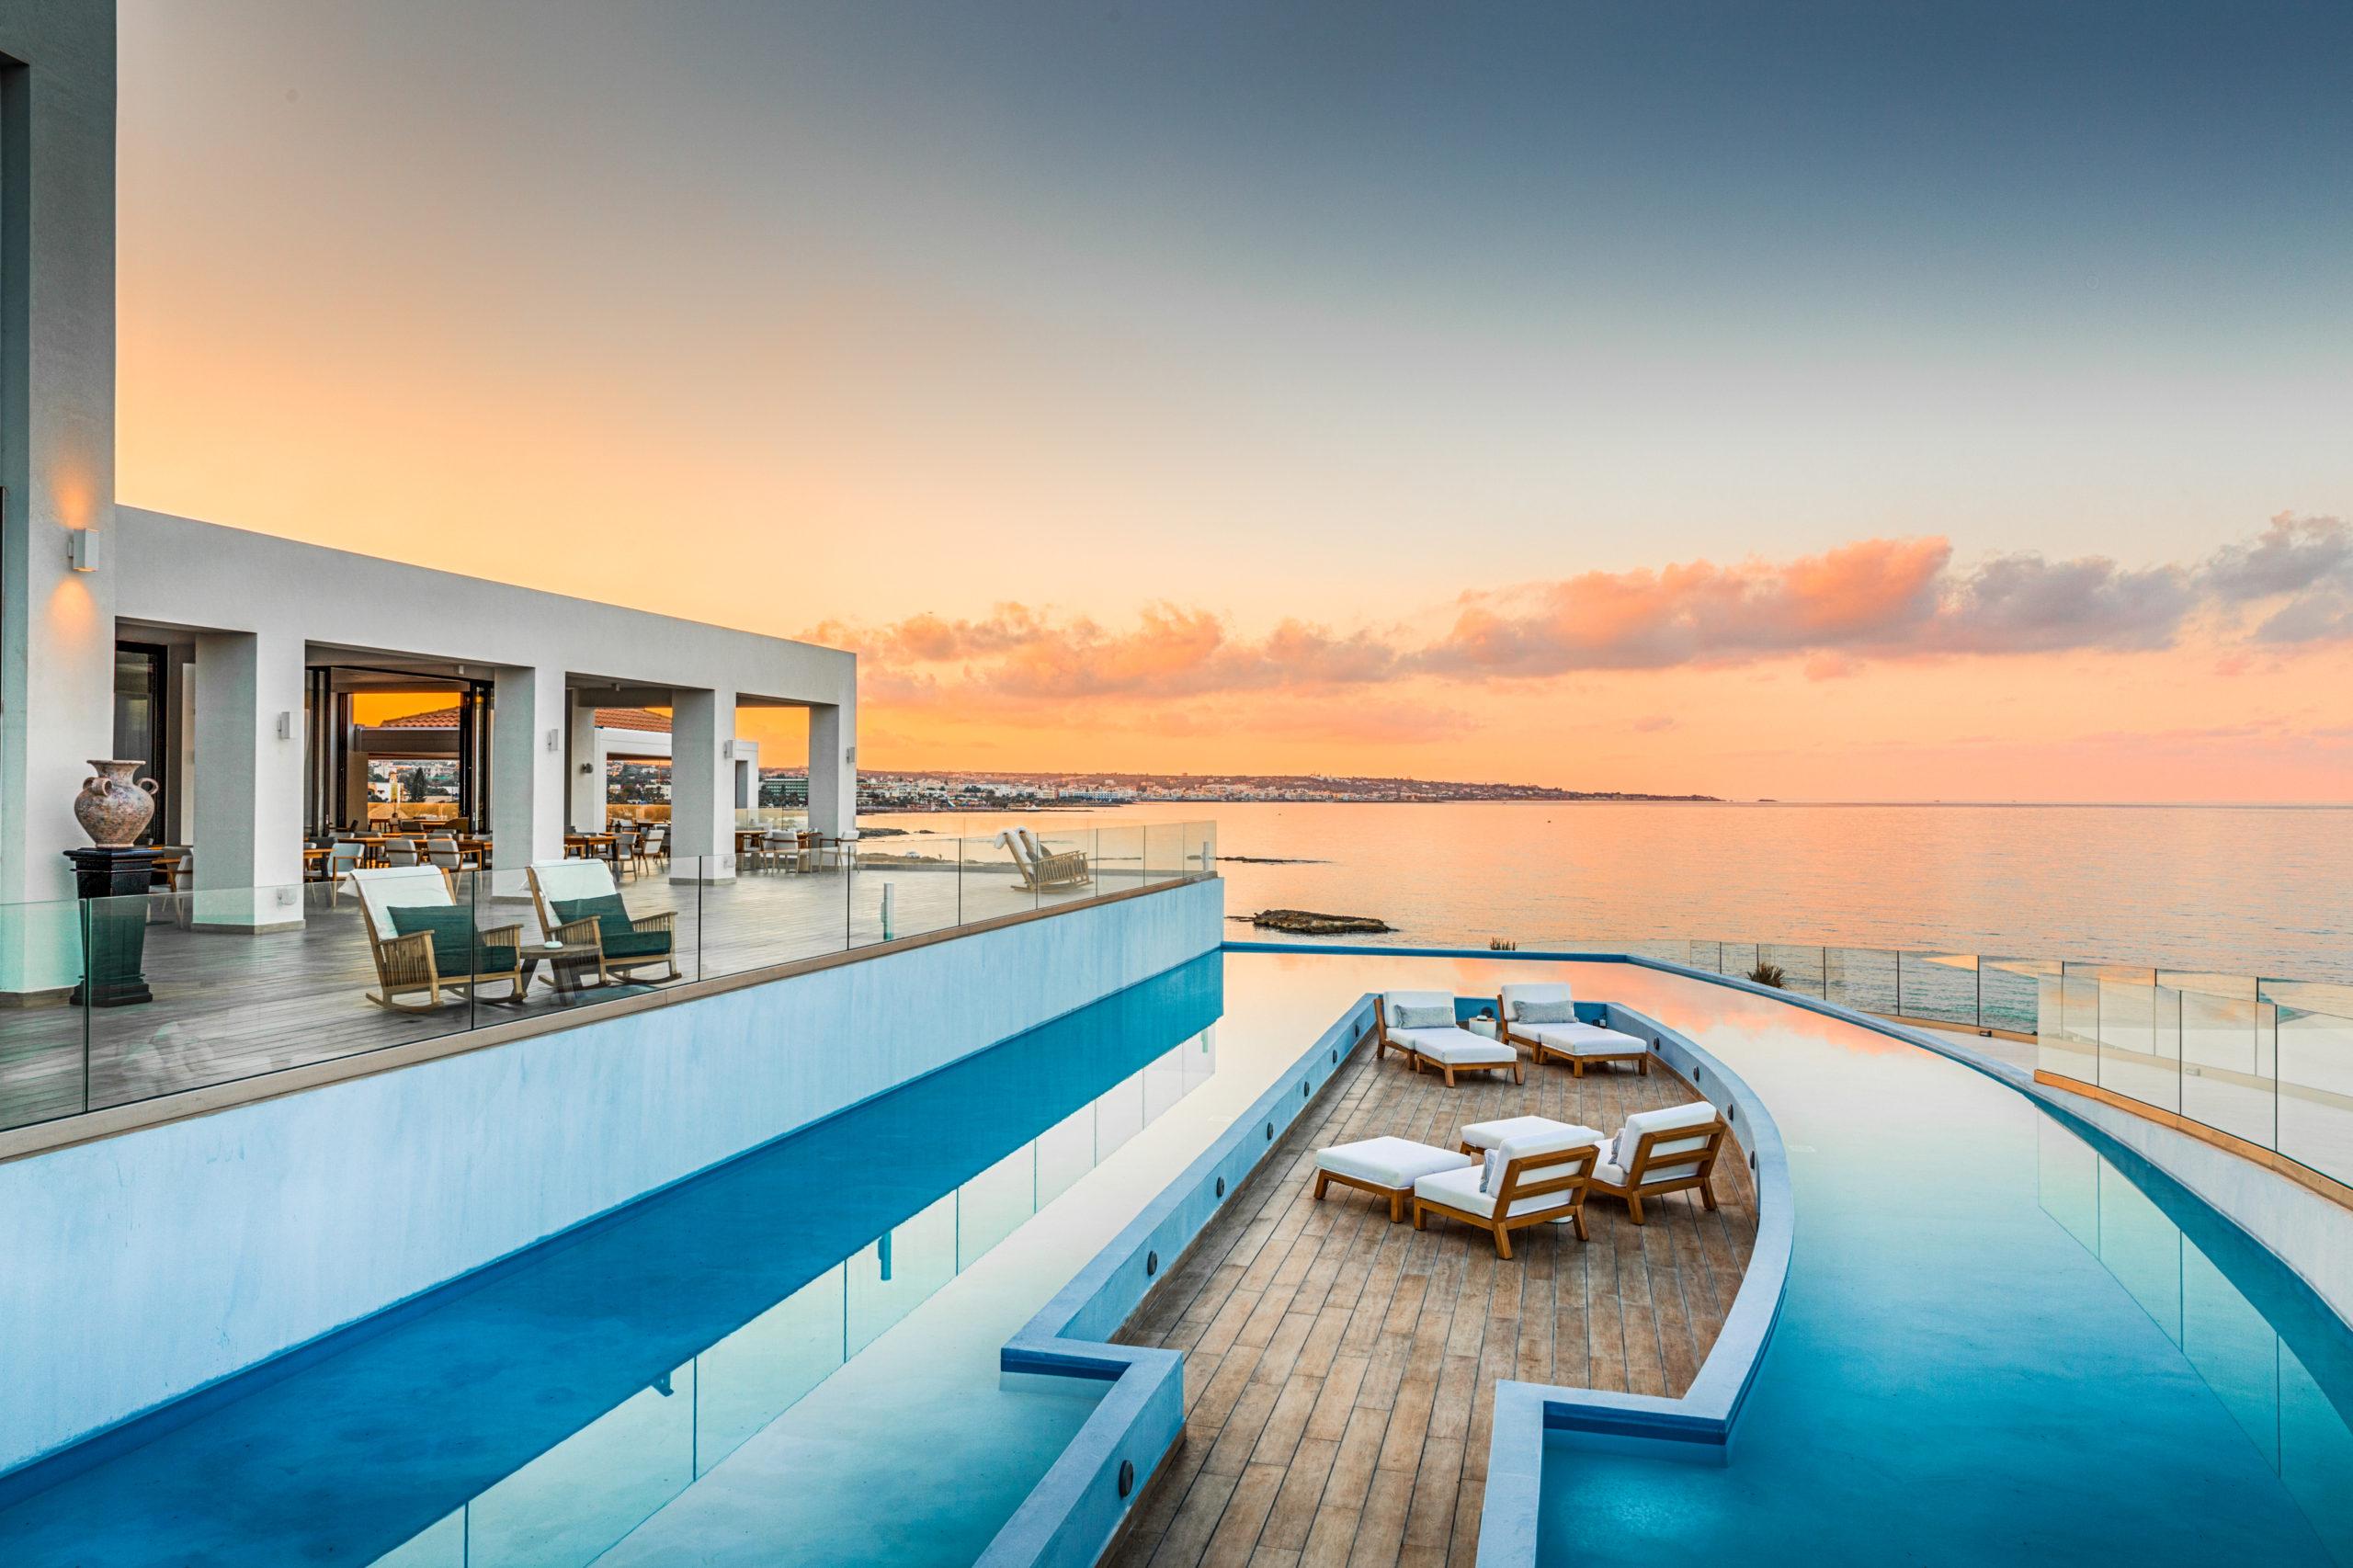 Abaton Beach Resort